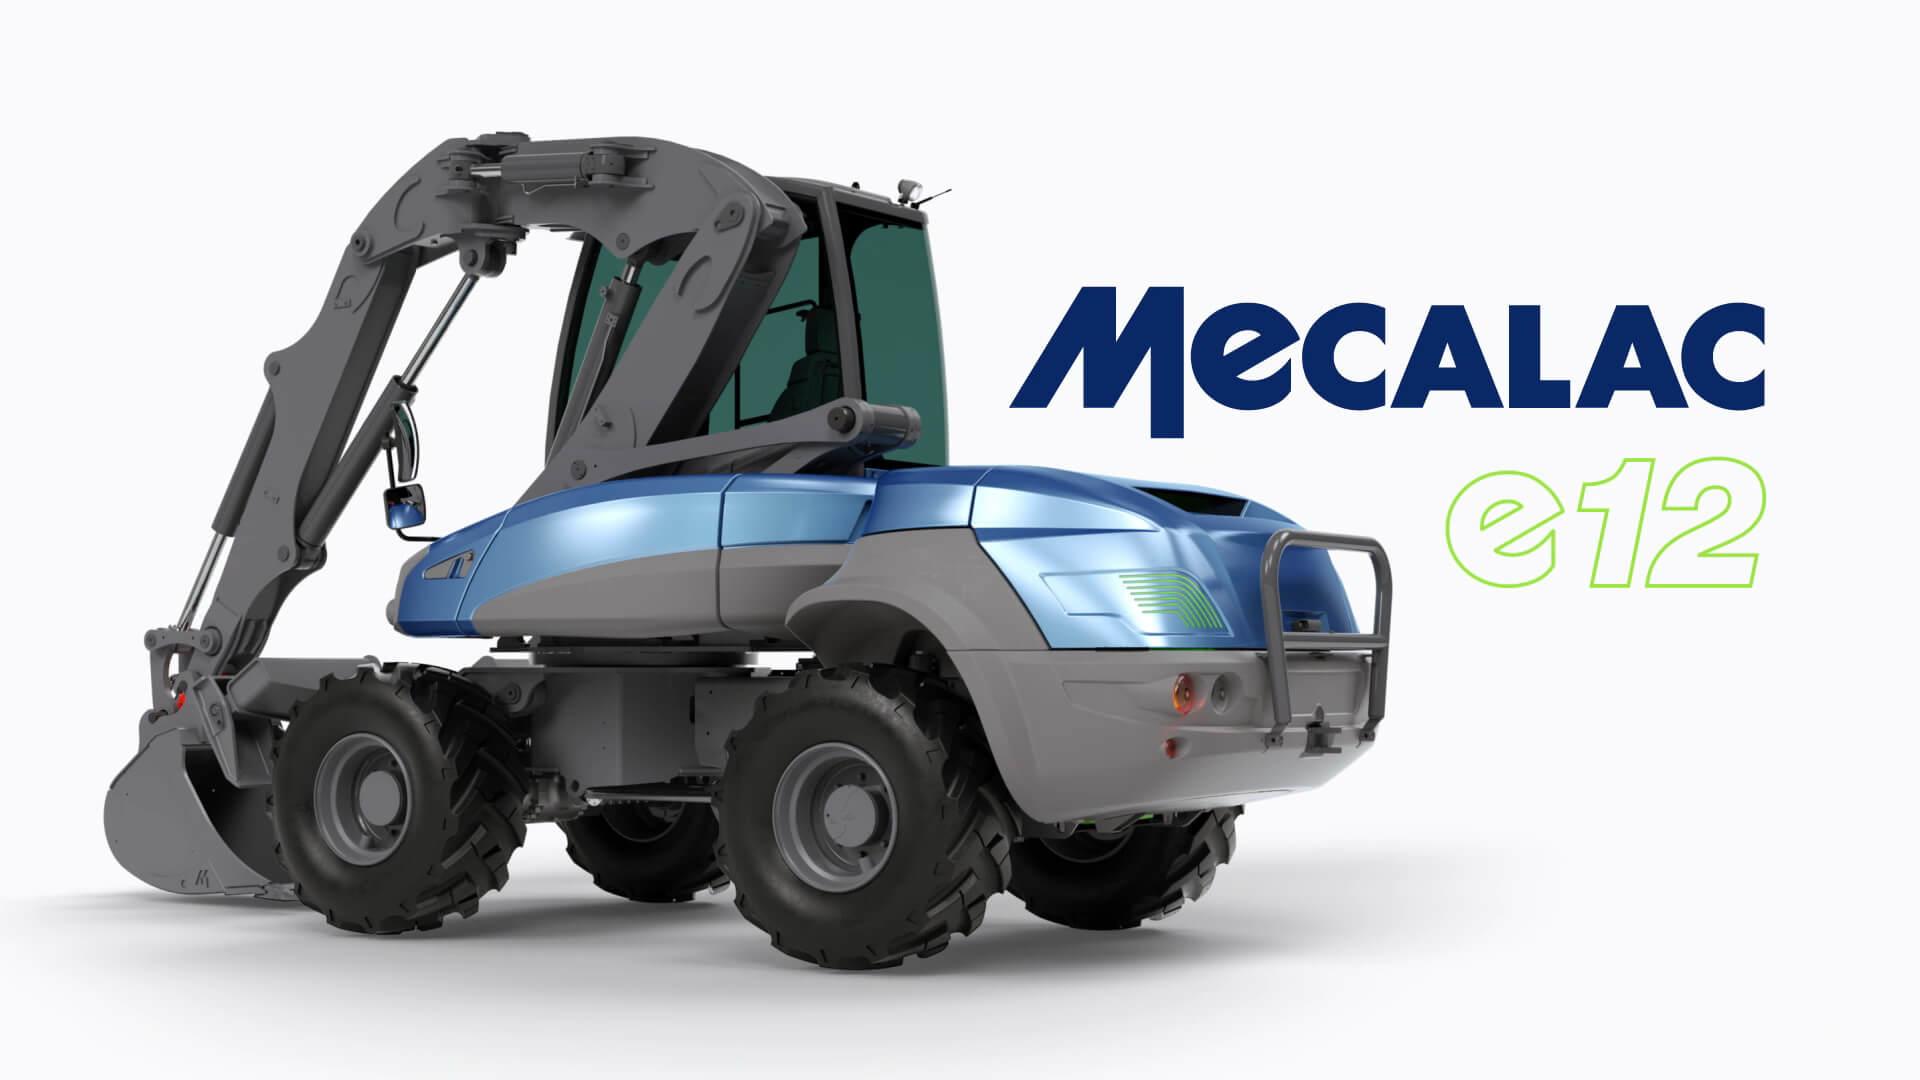 Mecalac представил первый в мире компактный электрический колесный экскаватор e12